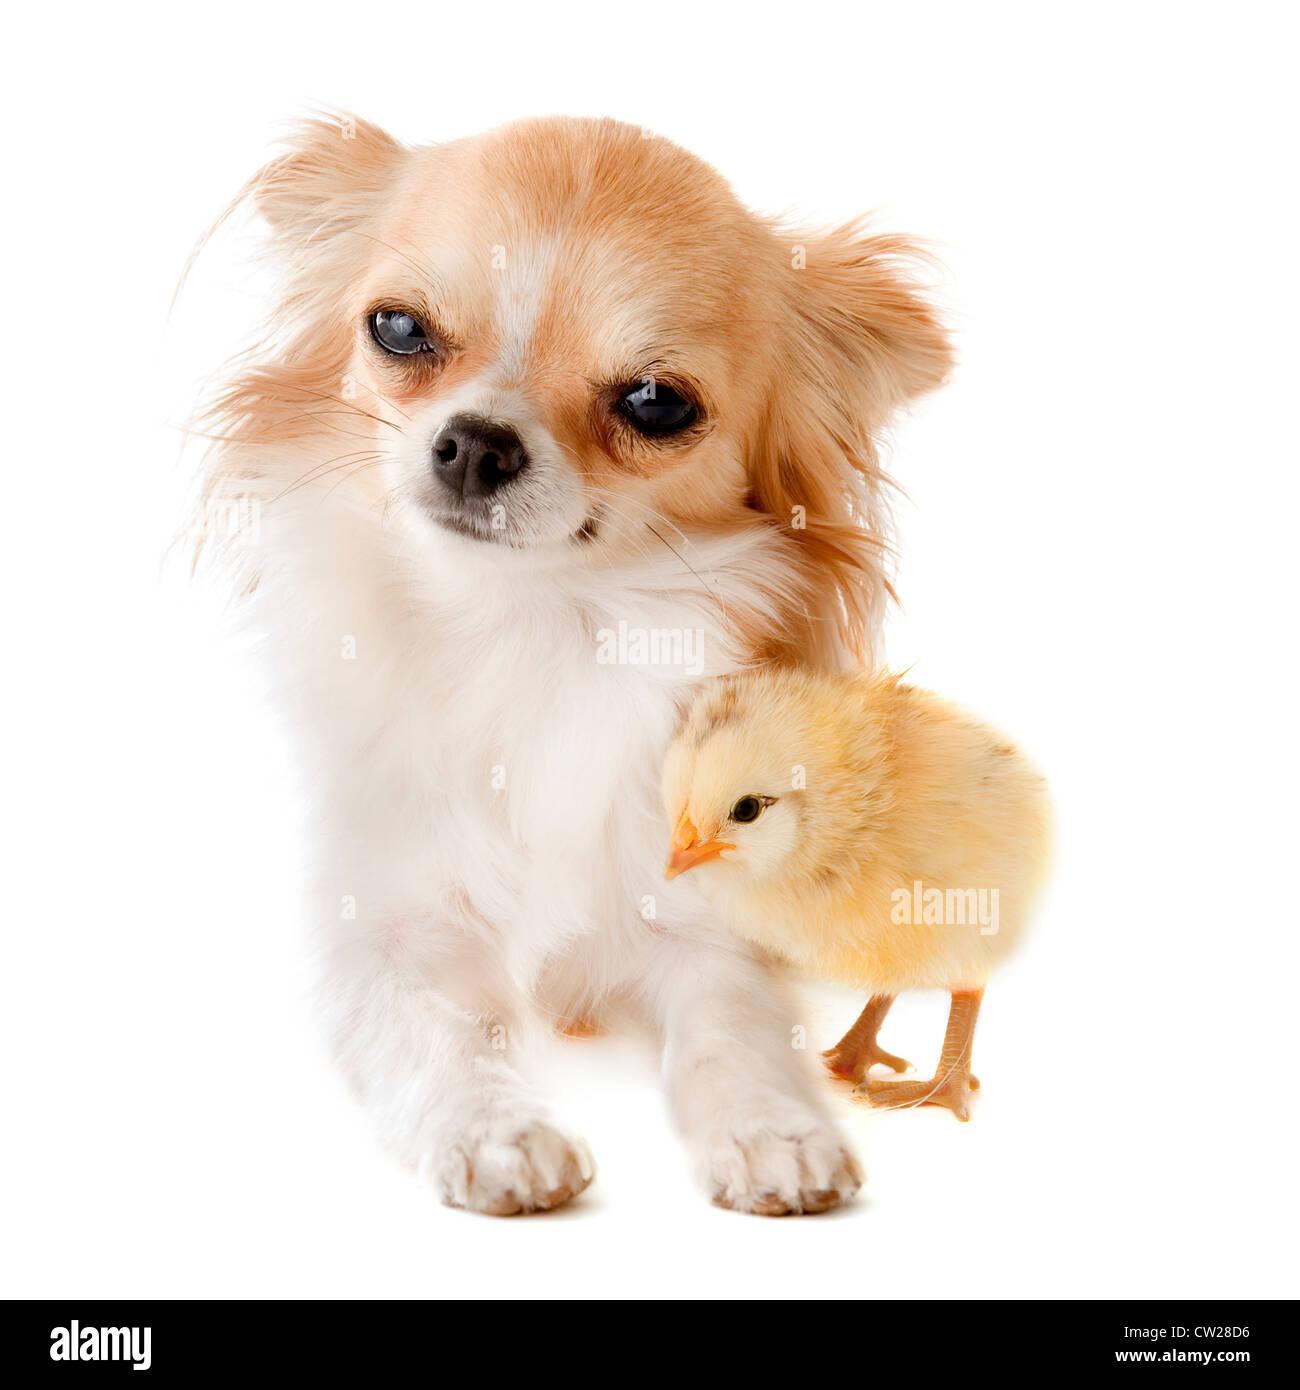 Retrato de un lindo de raza Chihuahua con una chica delante de un fondo blanco Foto de stock